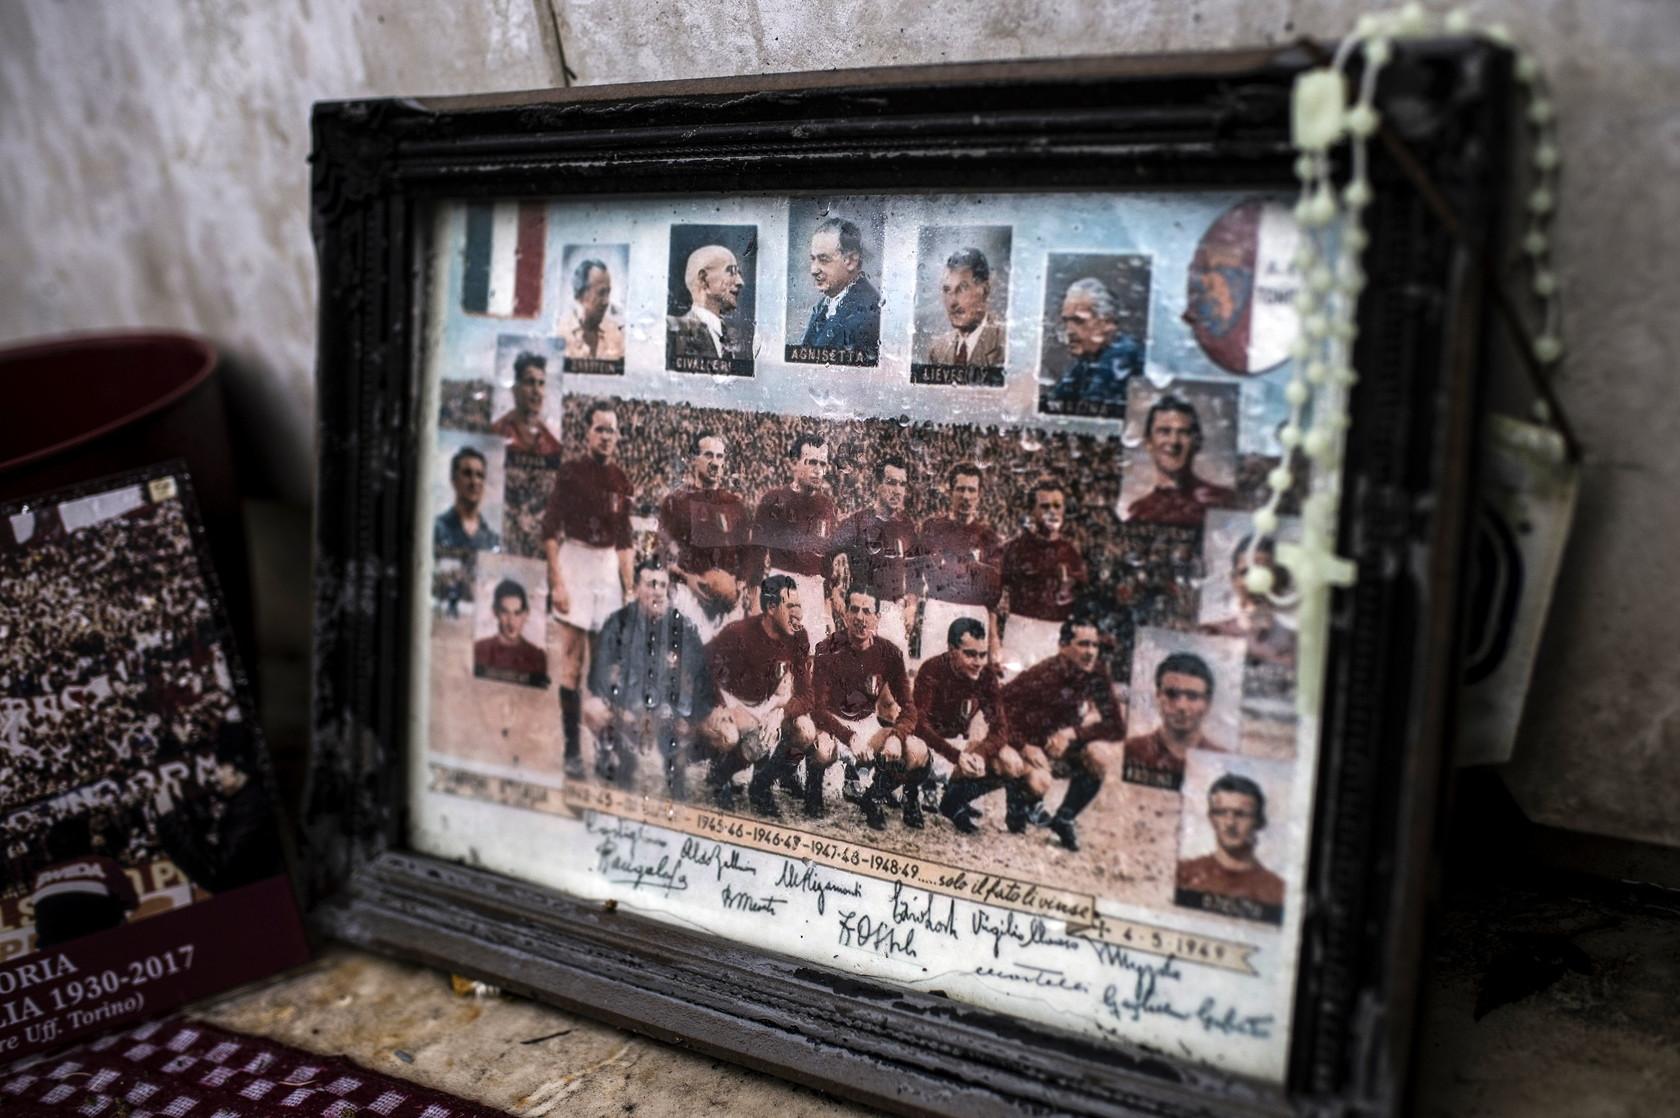 4 maggio 1949: a Superga scompare il Grande Torino, lasciando una ferita indelebile nella storia del calcio italiano